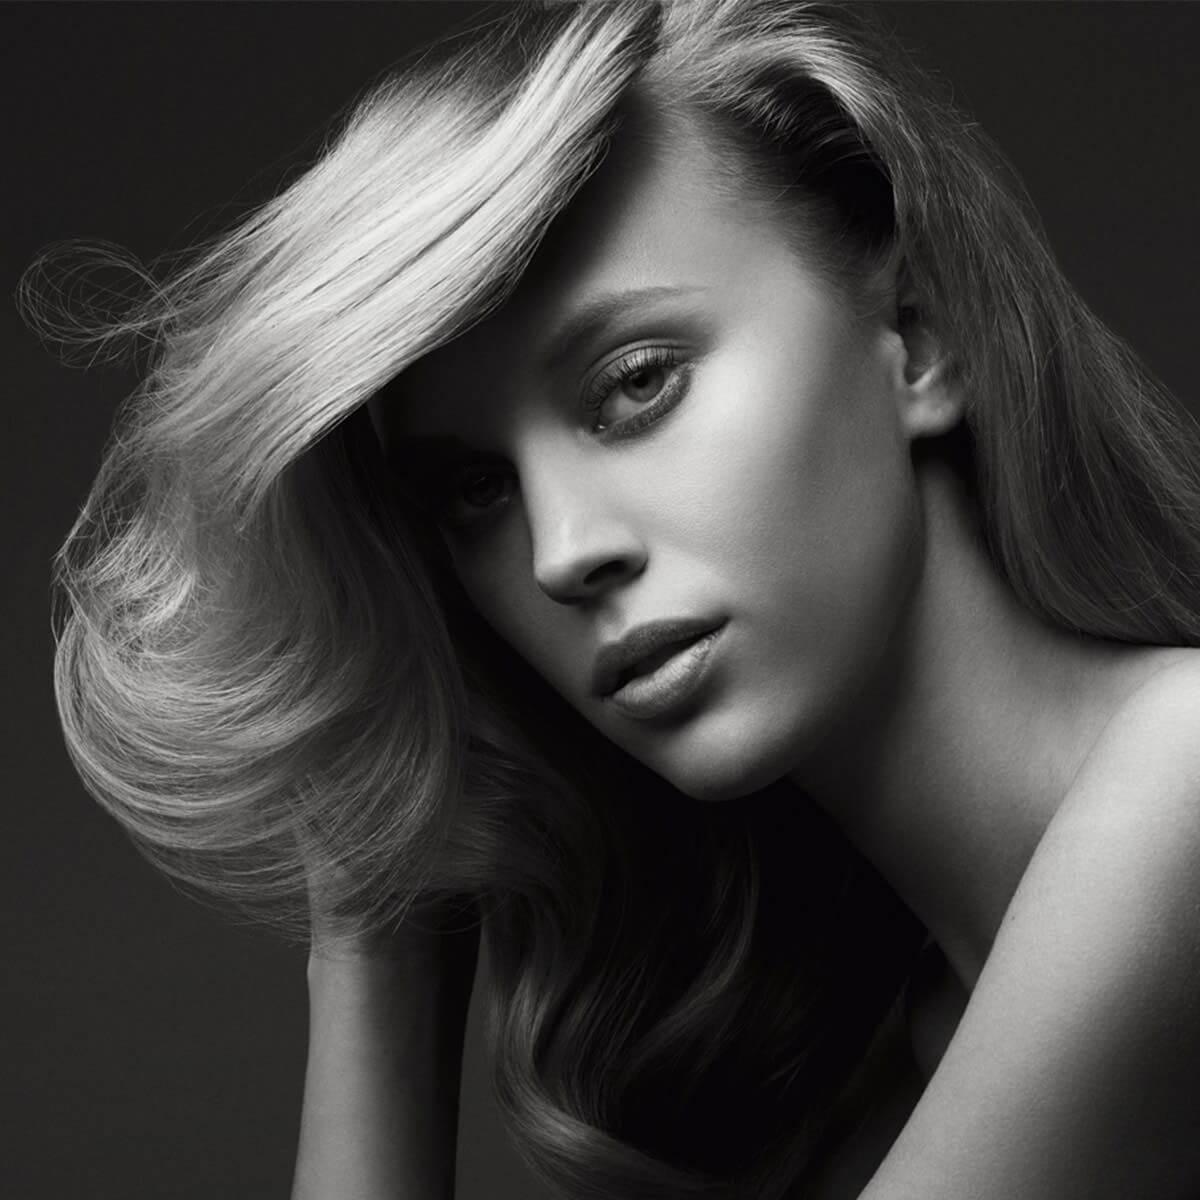 Bad Hair Day Nein Denn Genau: Pflege Und Styling Für Jeden Haartyp